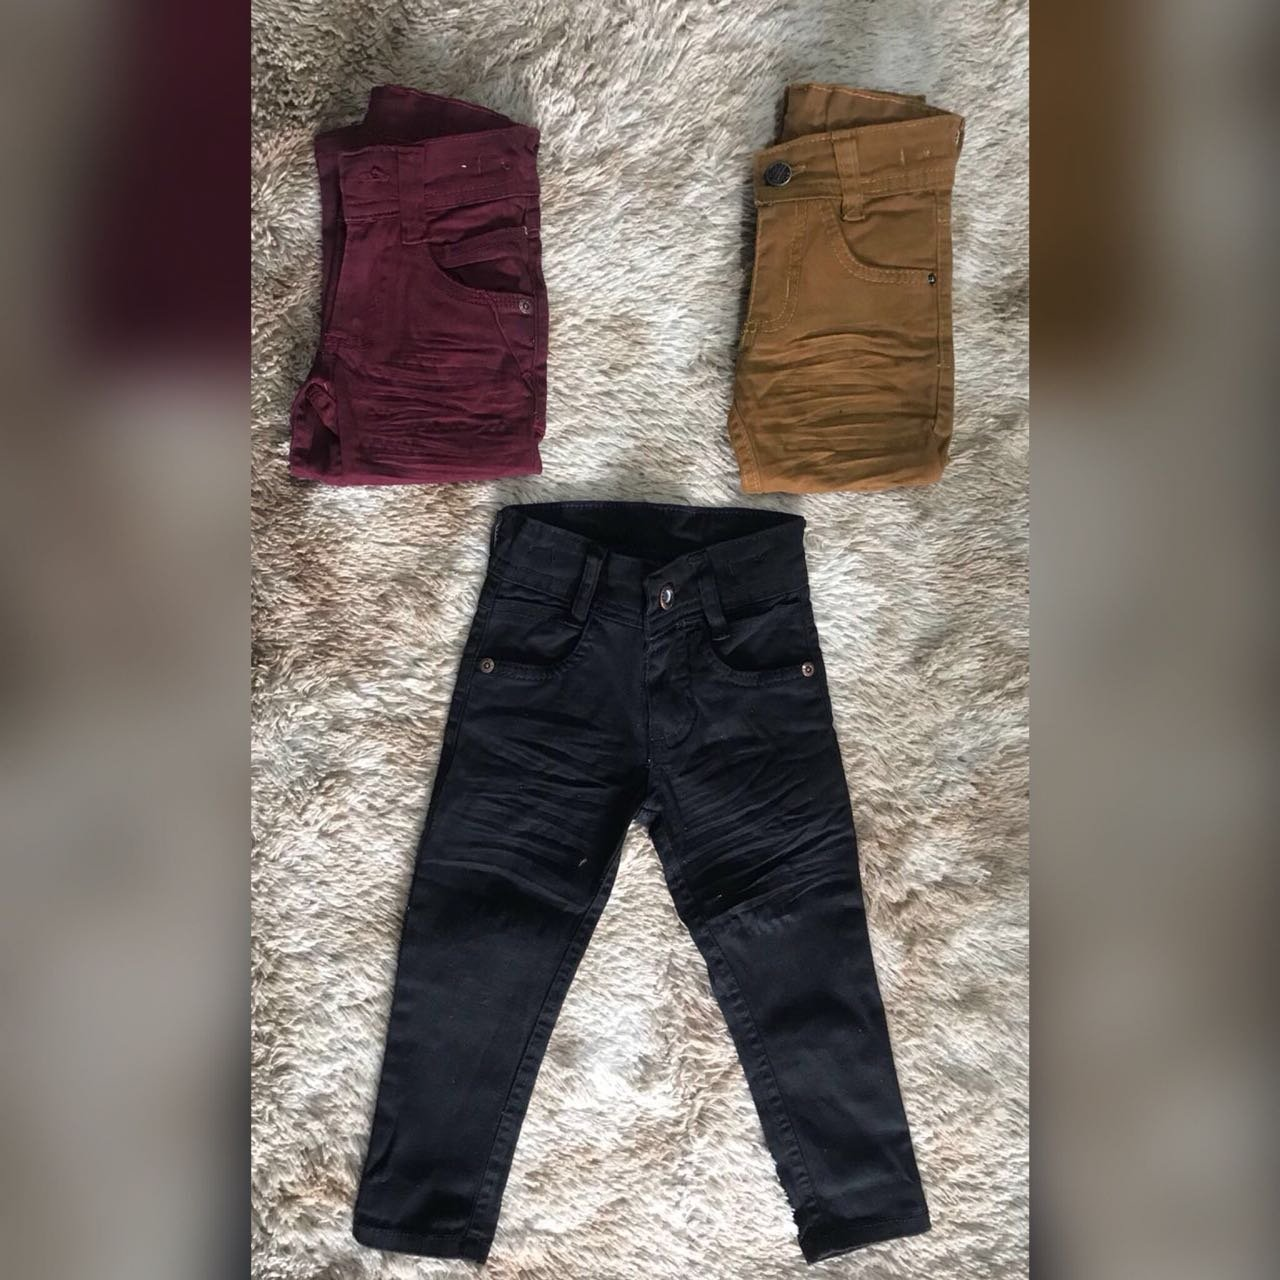 Calça Jeans com Elastano e Regulagem Interna